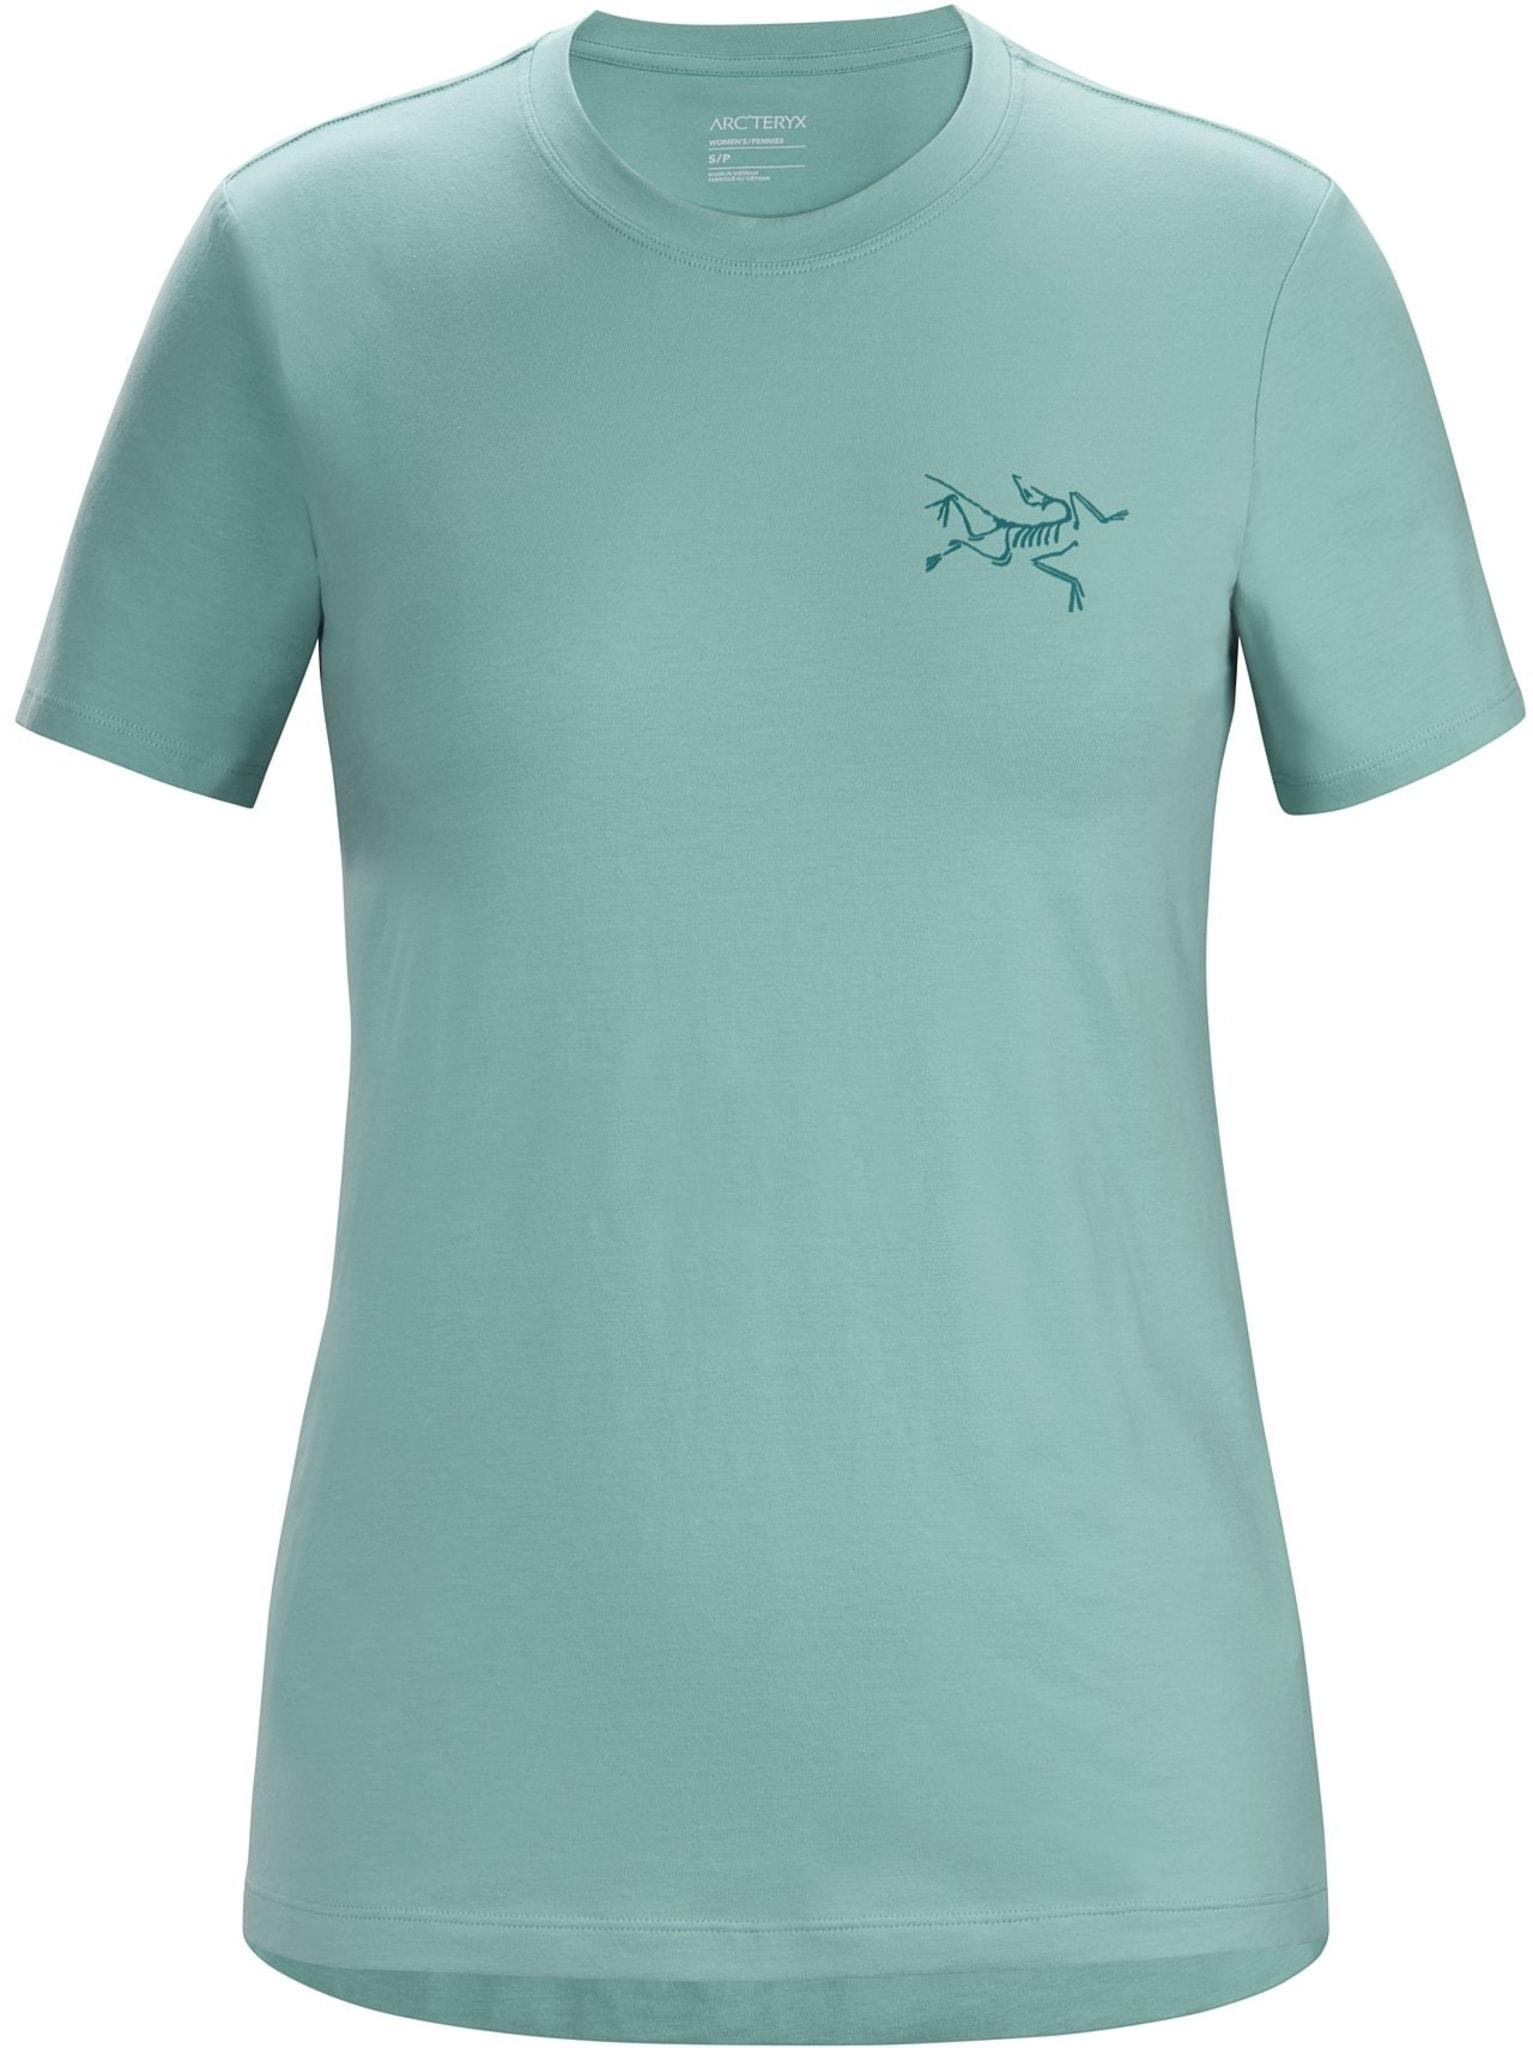 T-skjorte laget av økologisk dyrket bomull